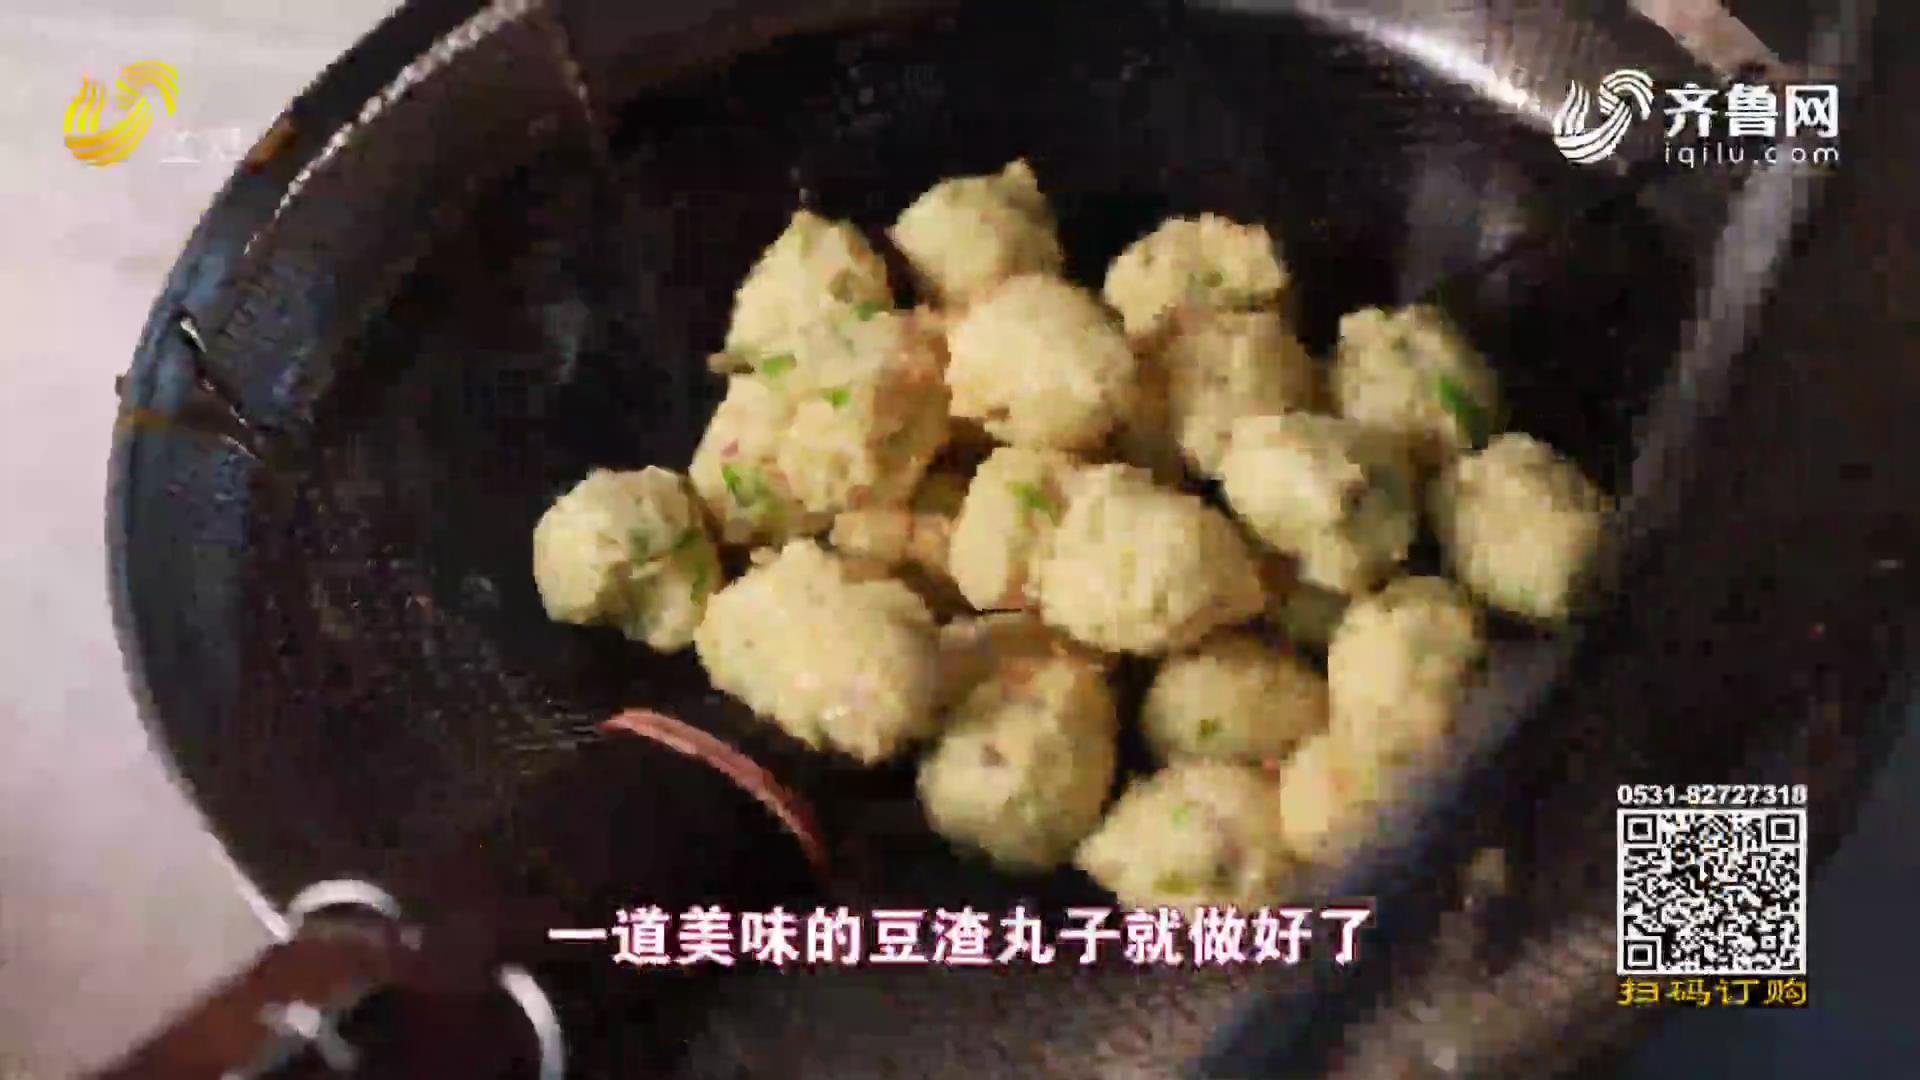 非尝美食:豆渣丸子